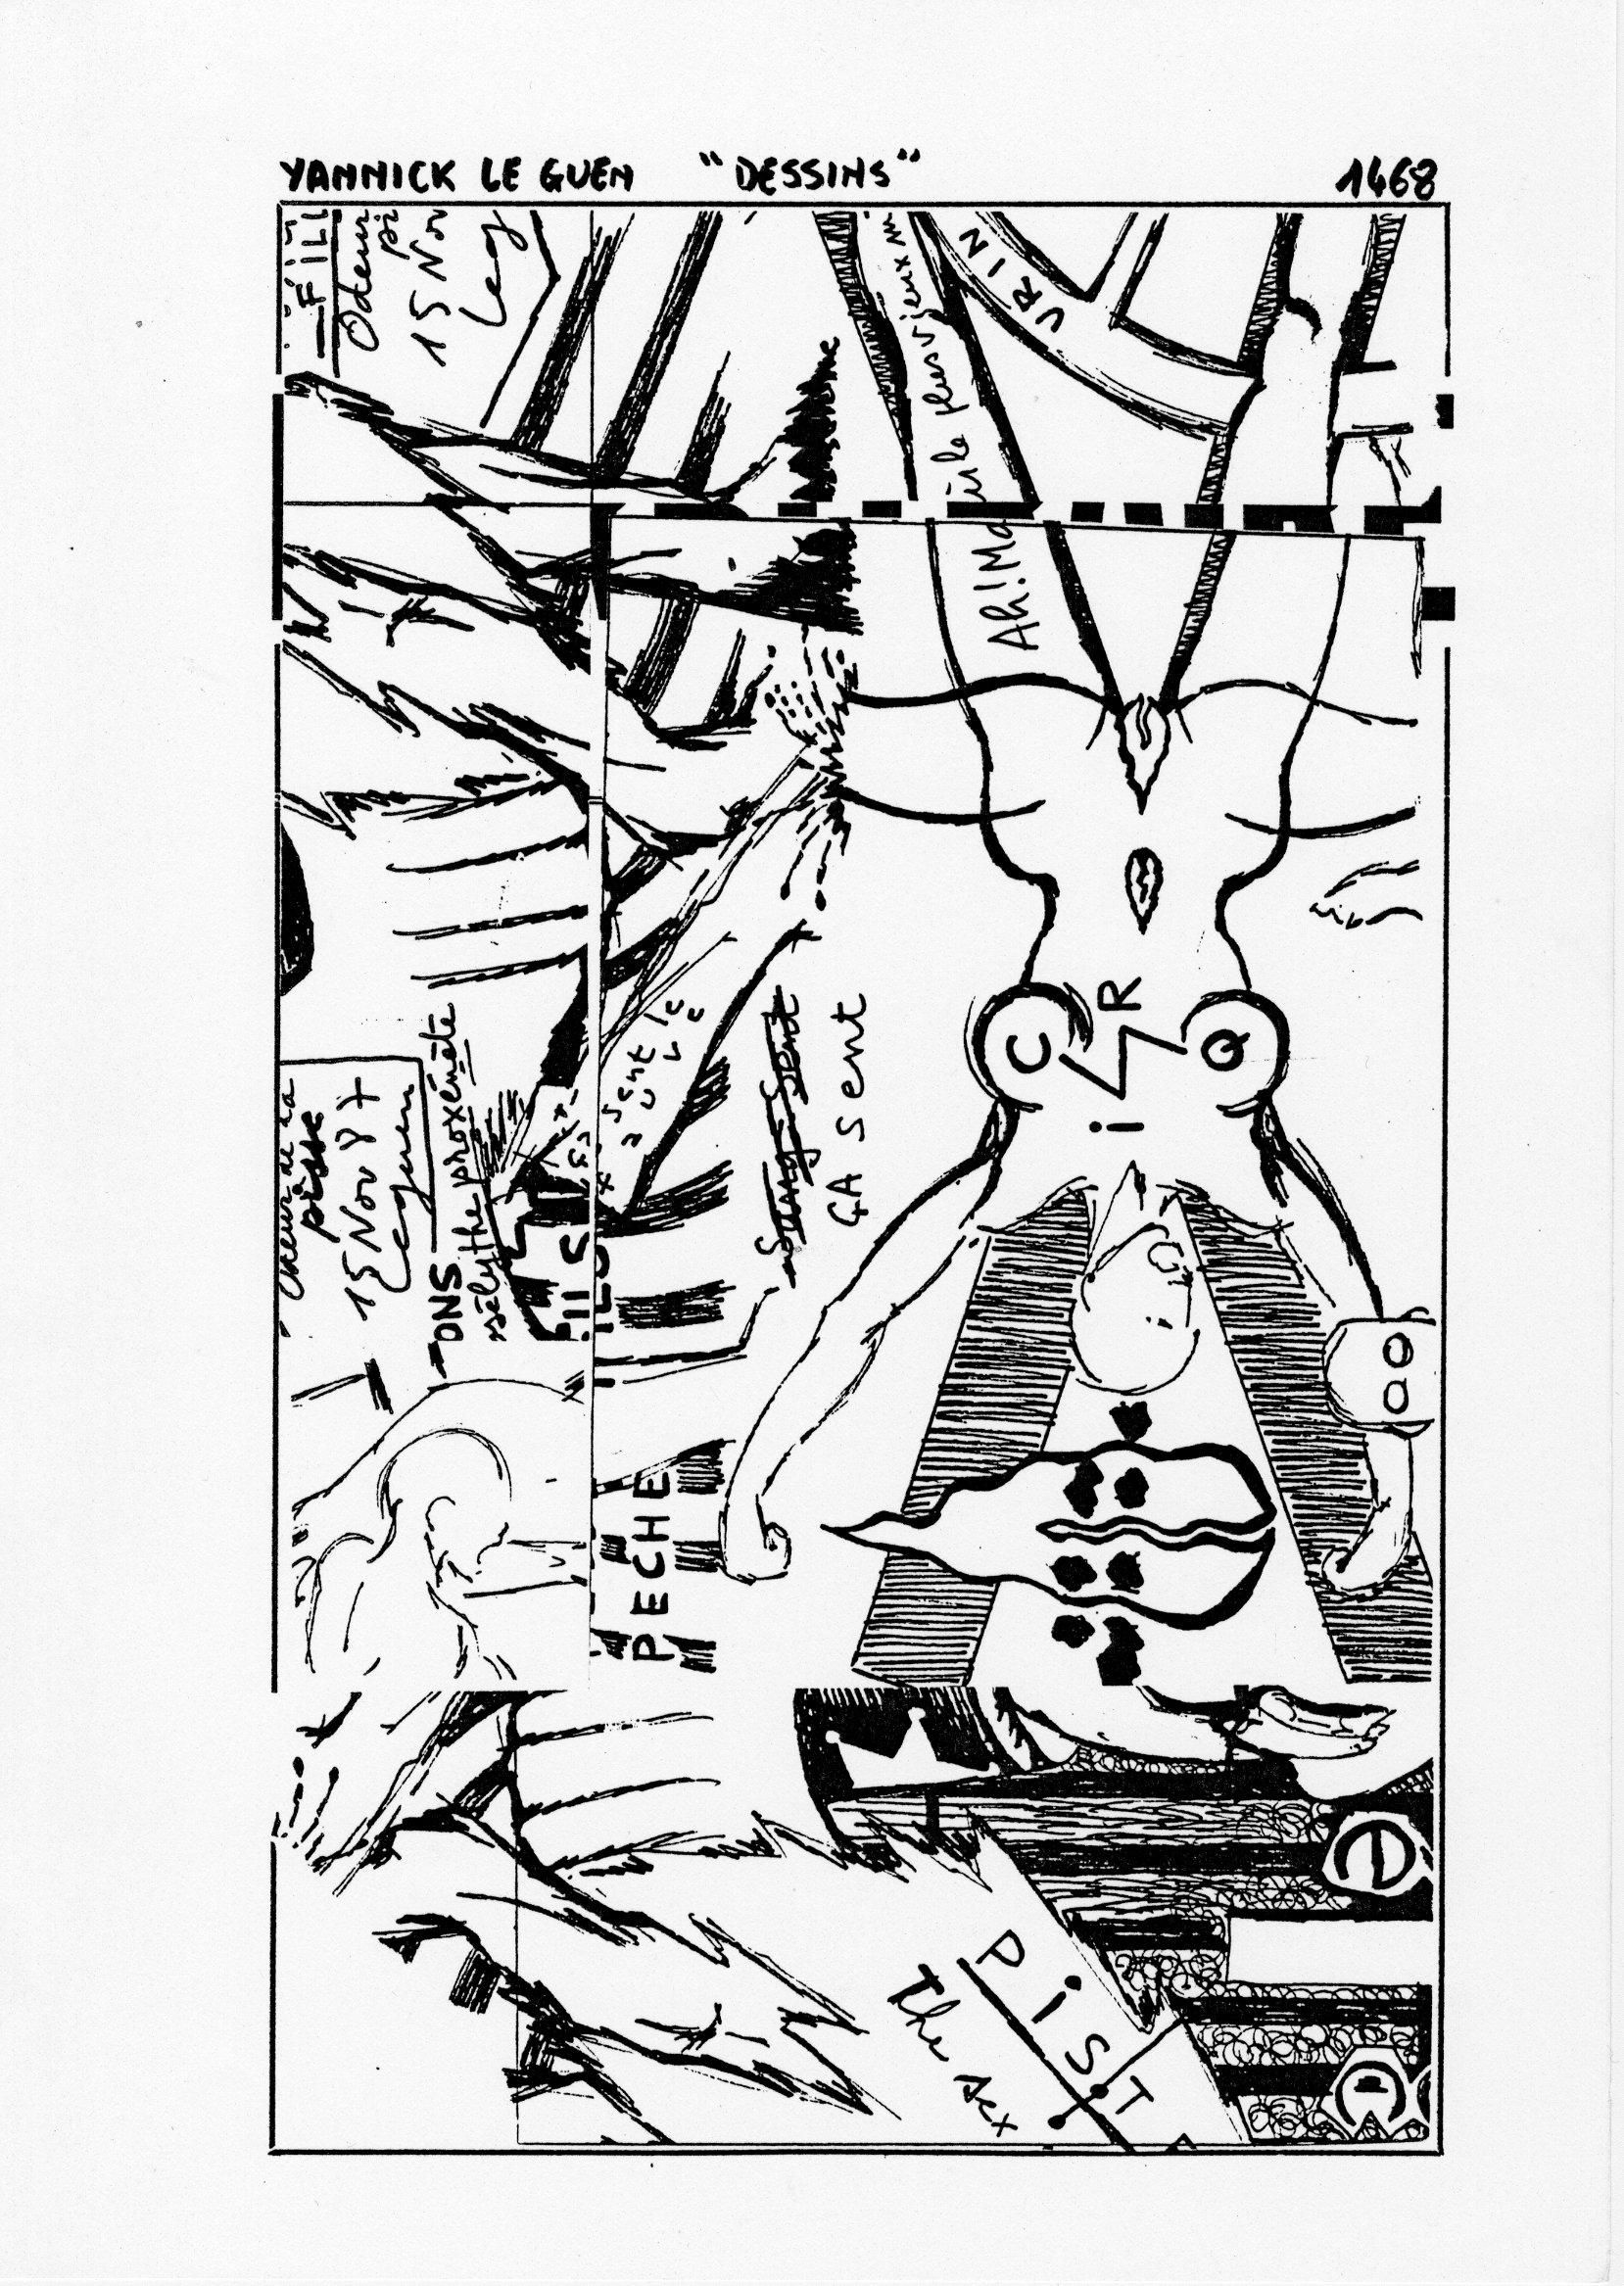 page 1468 Y. Leguen DESSINS